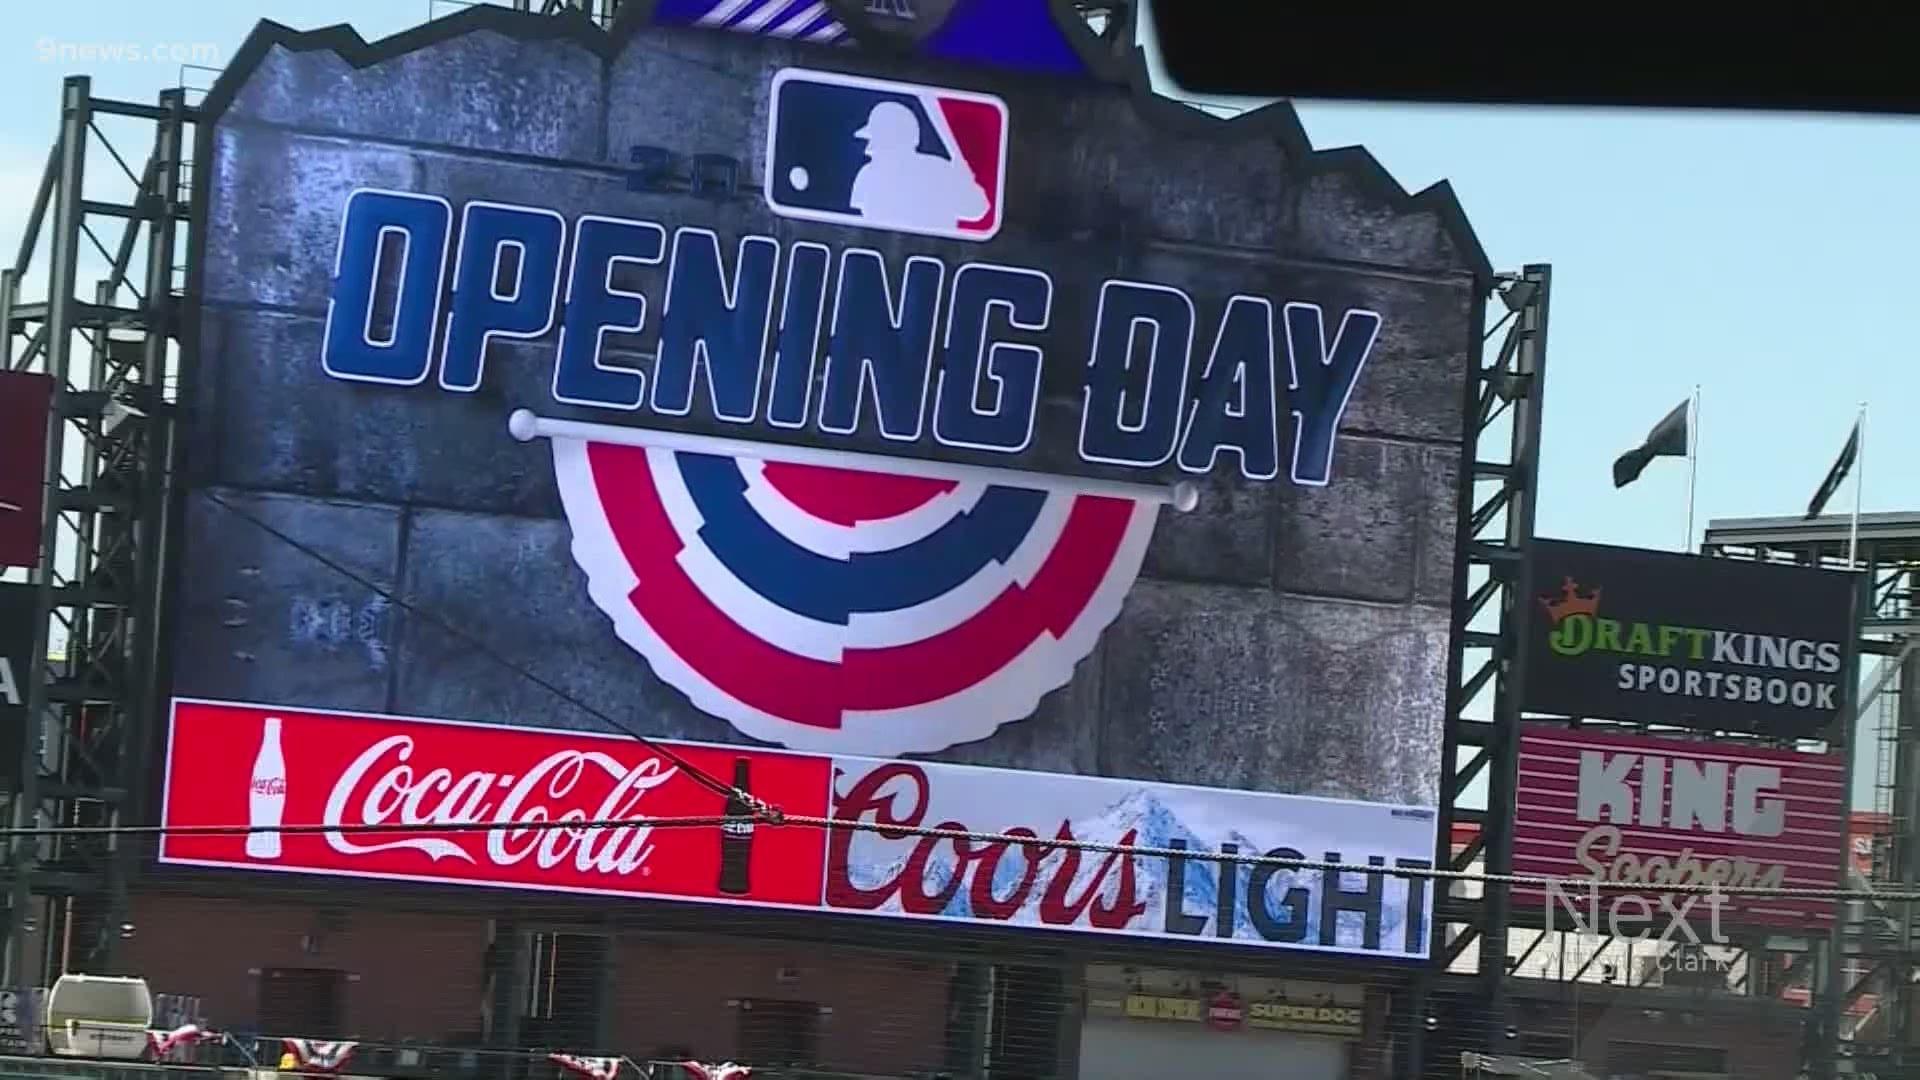 Colorado Rockies, San Diego Padres, baseball, baseball fans